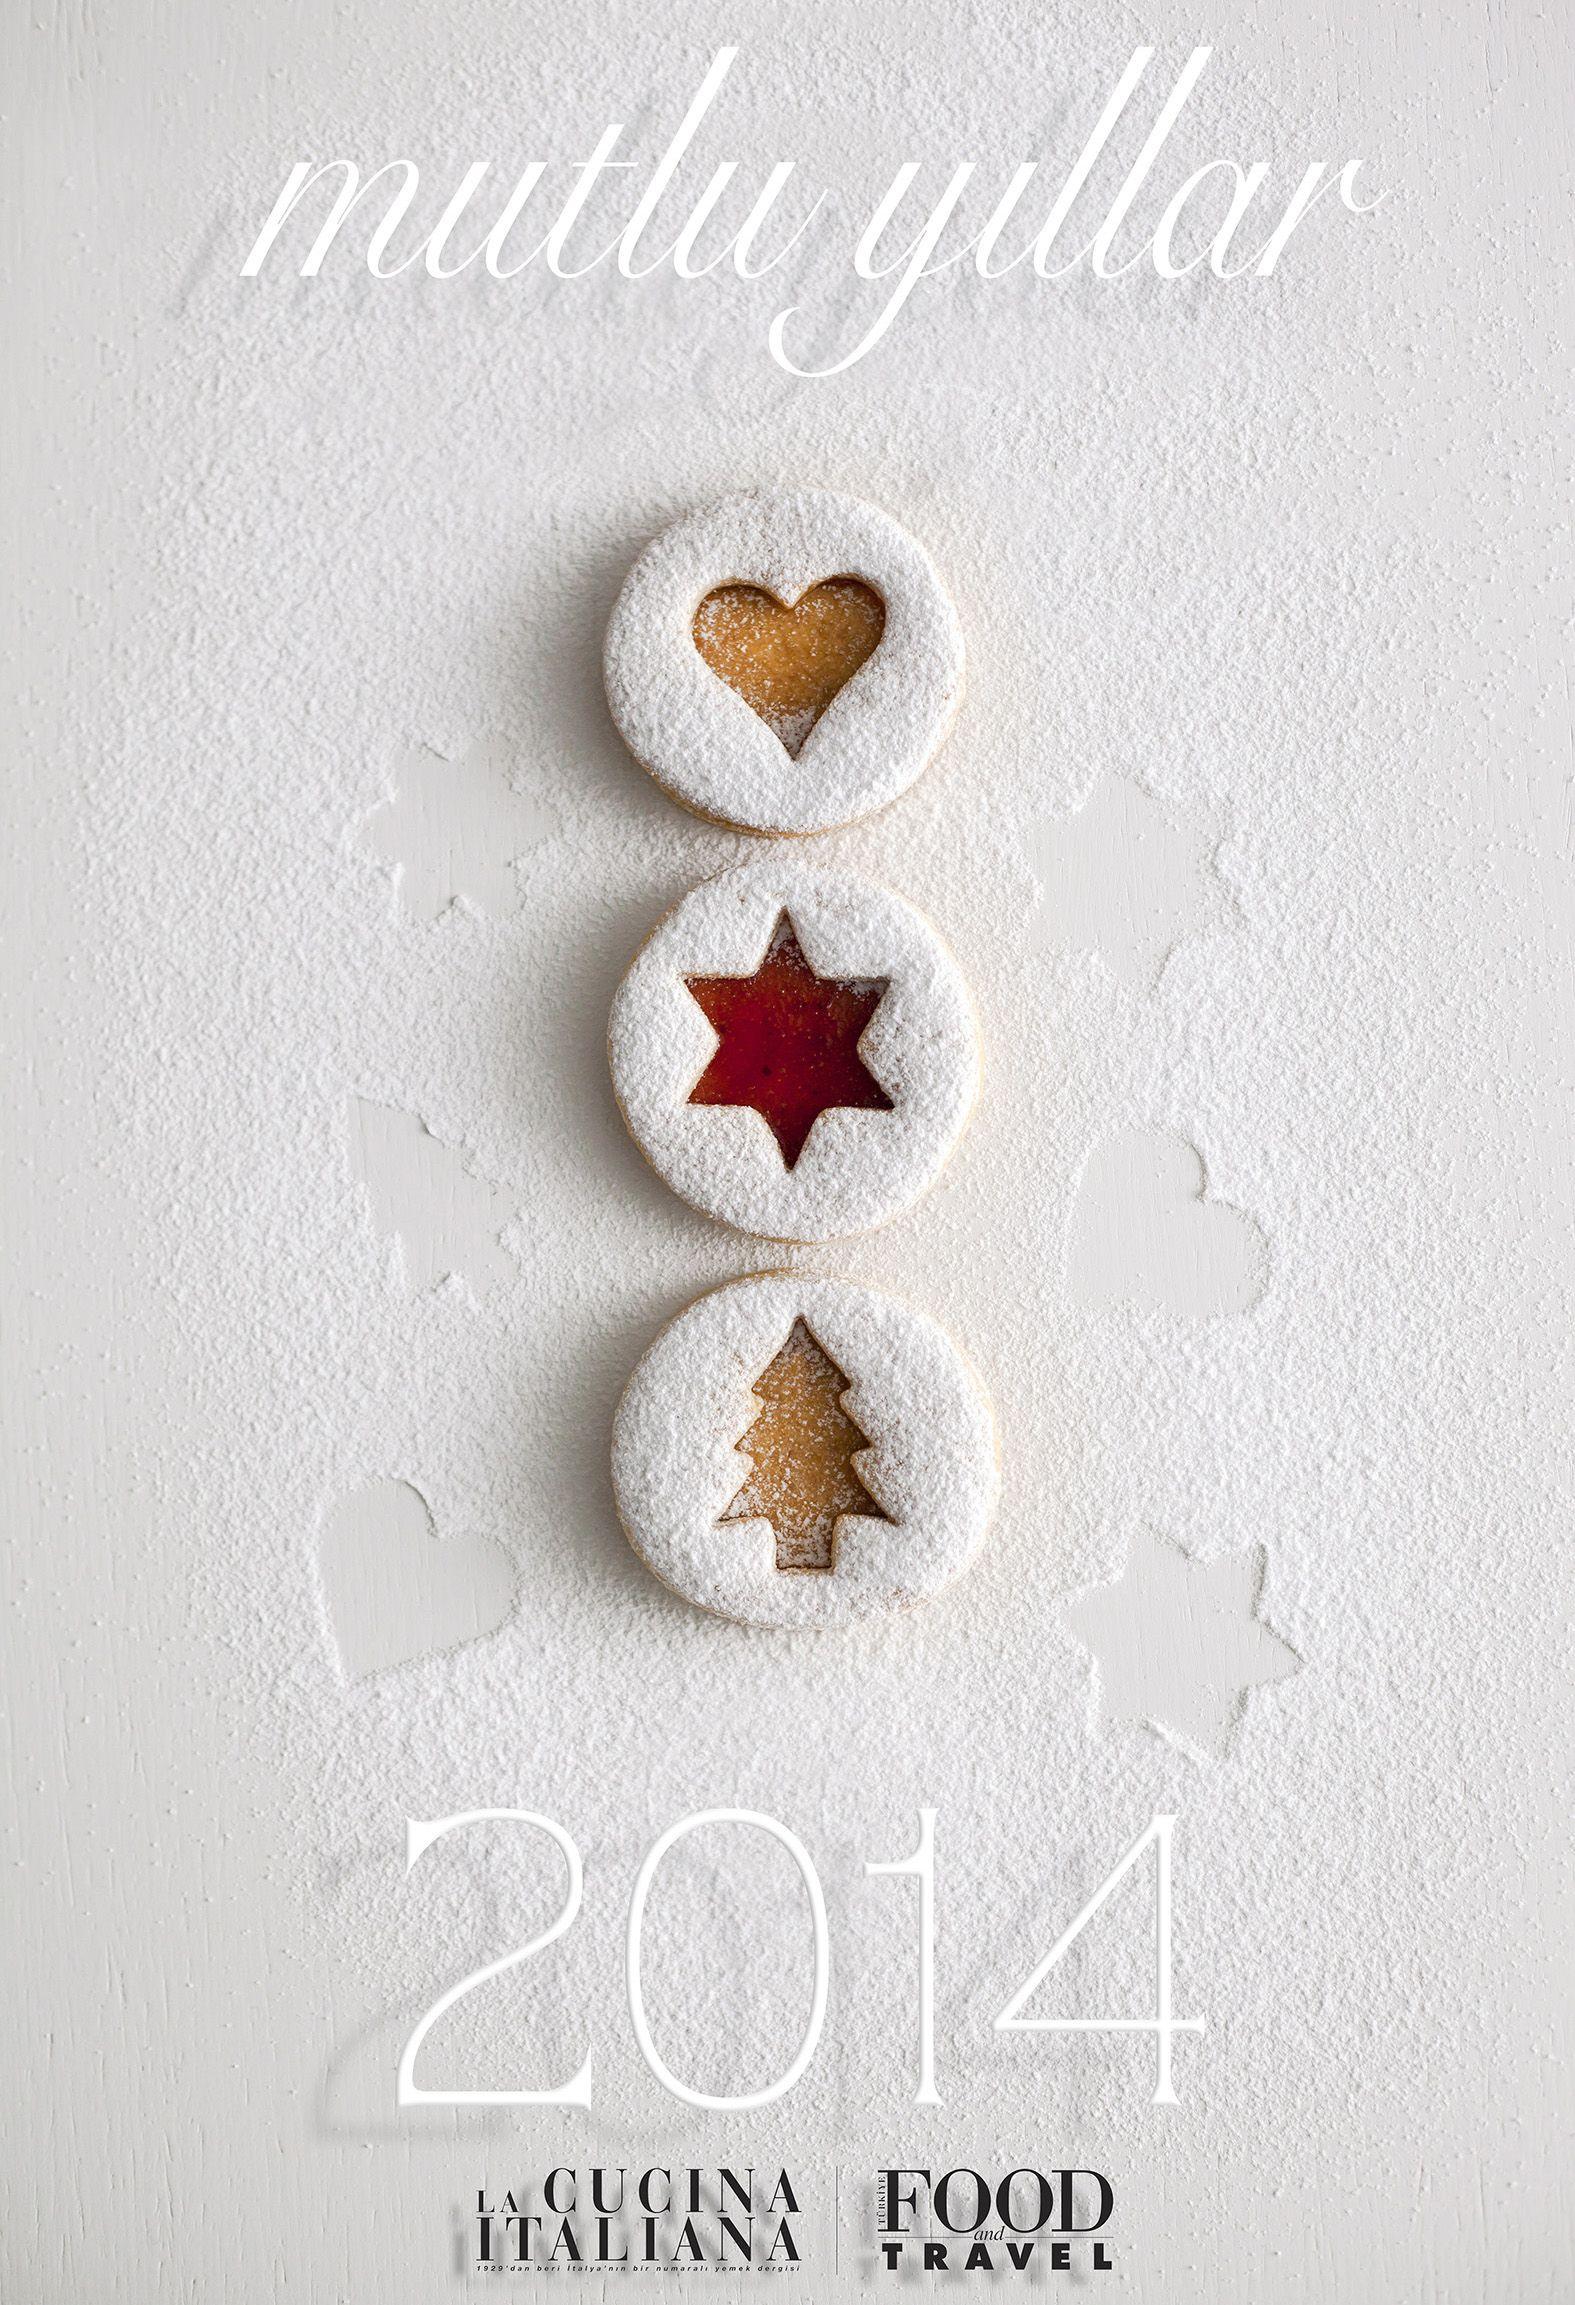 Yeni Yılın Size ve Tüm Sevdiklerinize Sağlık, Mutluluk ve Bereket Getirmesiniz Dileriz.  Saygılarımızla